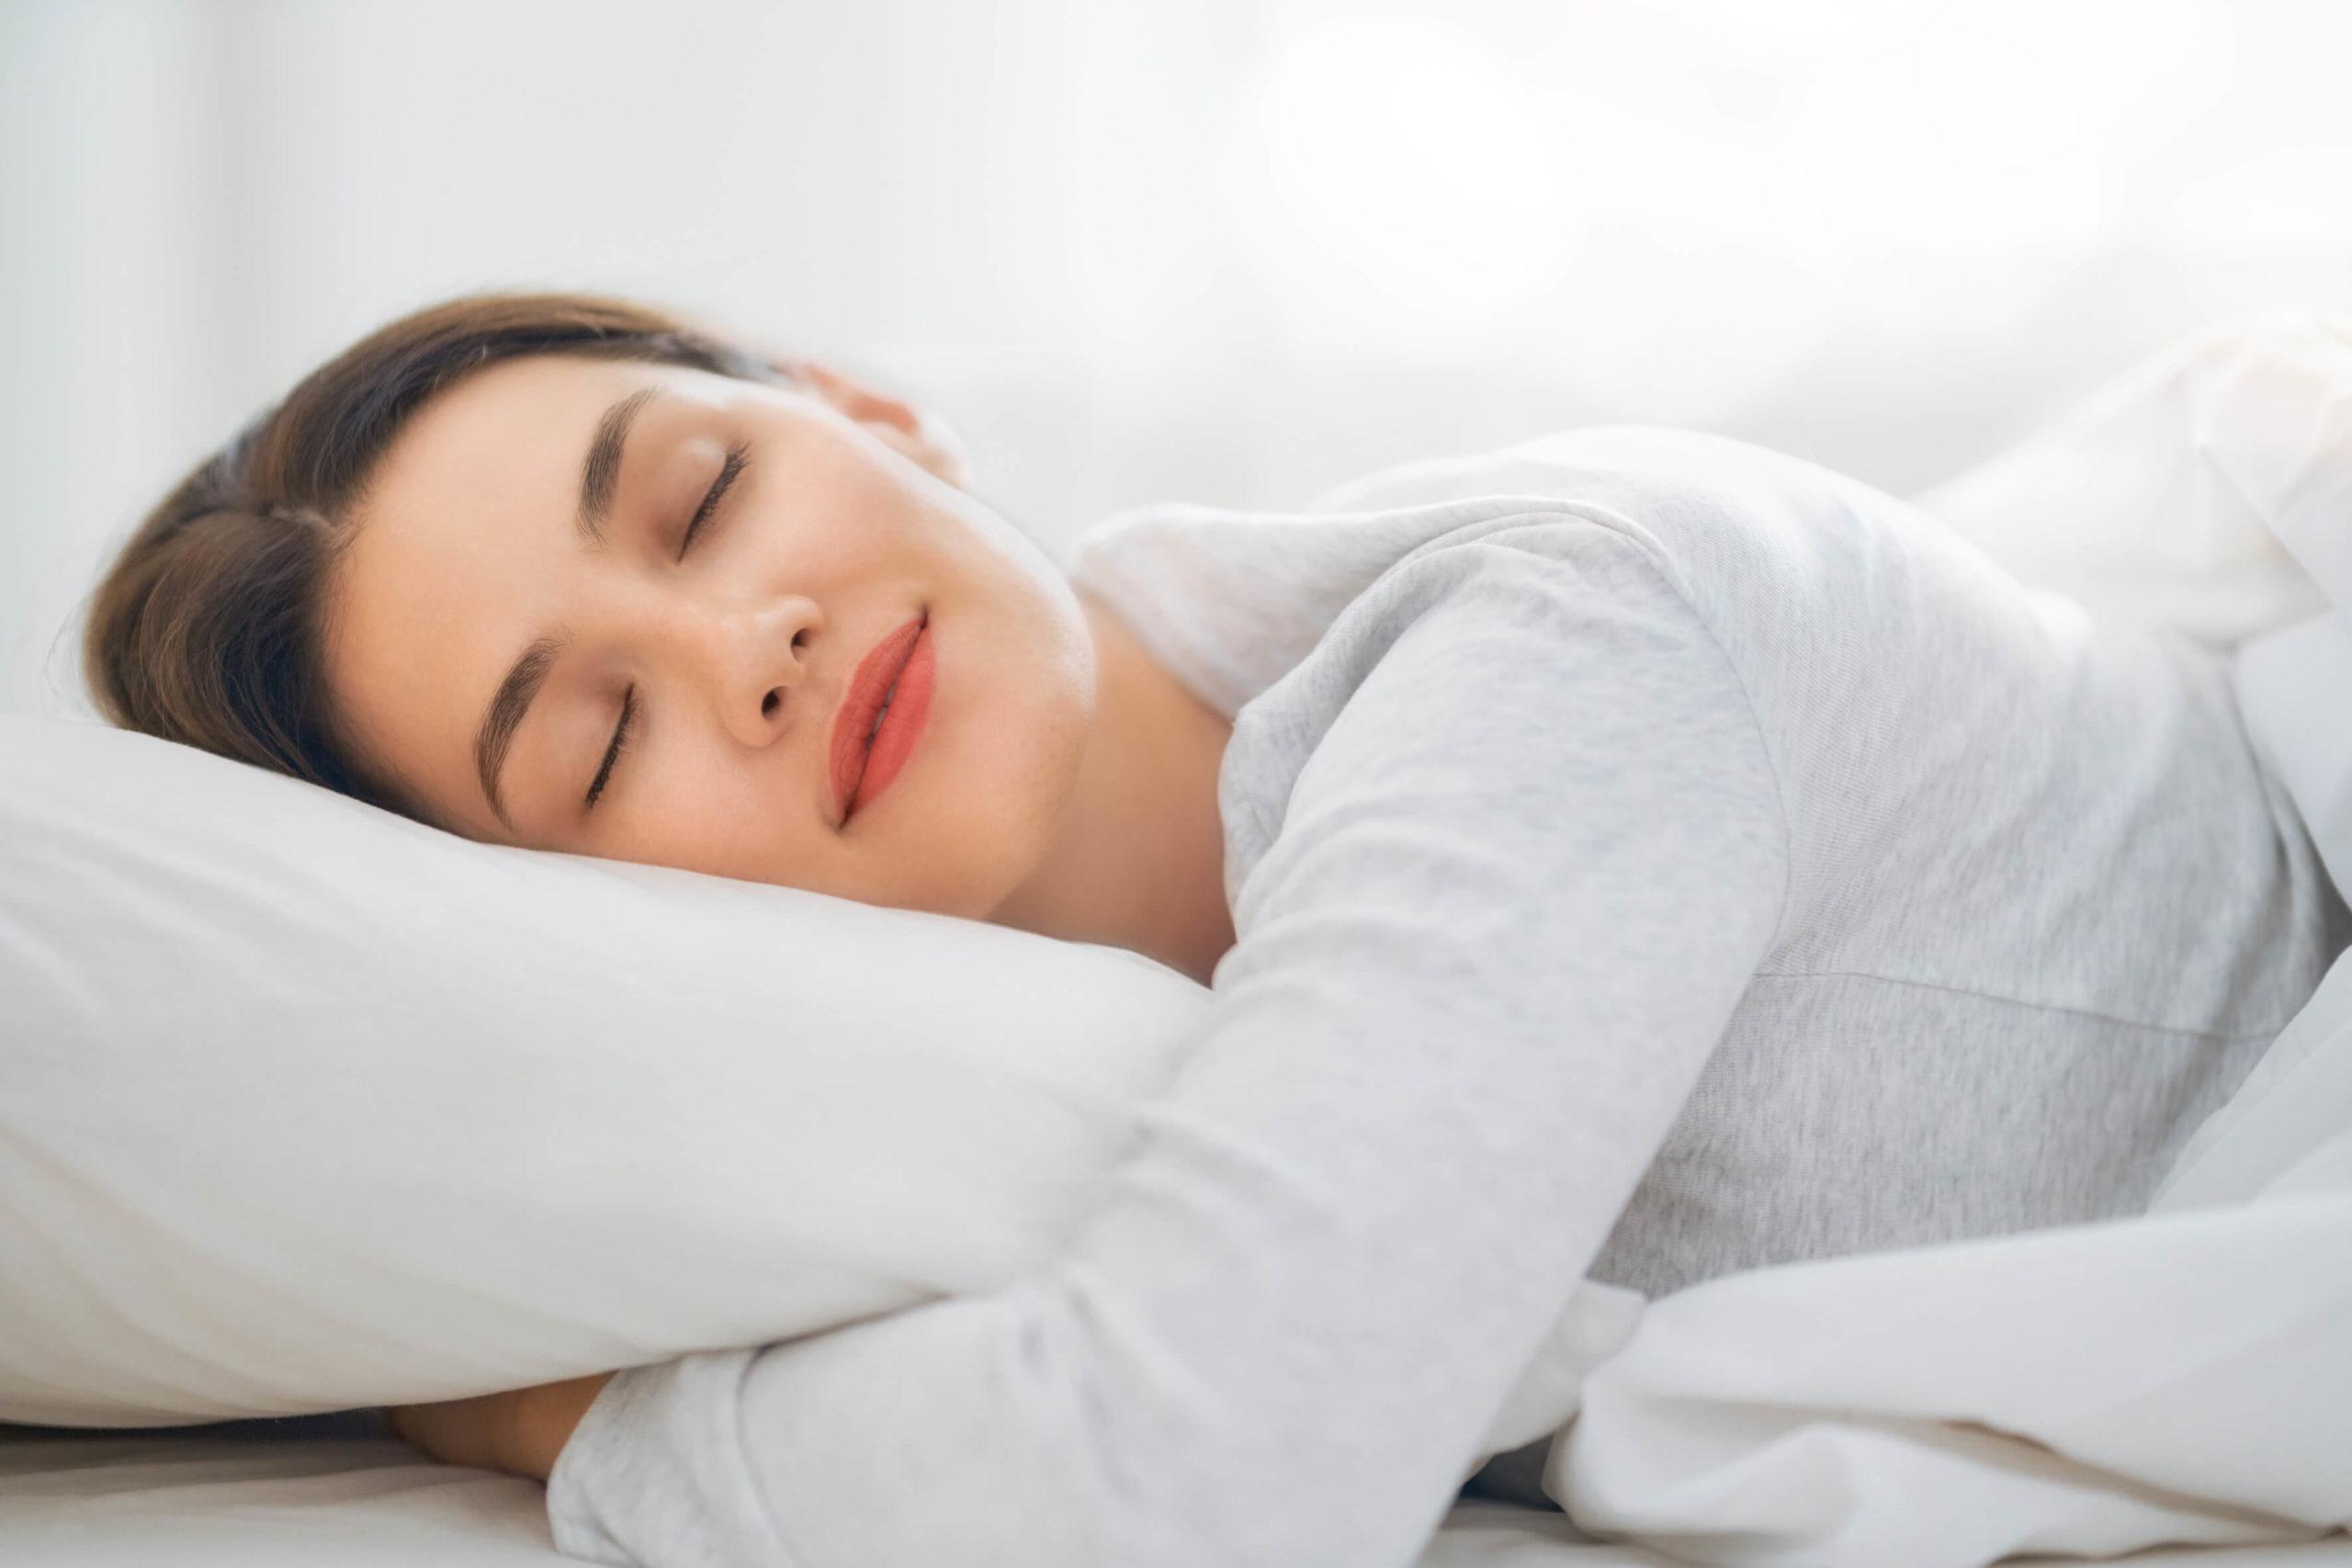 Mevrouw slaapt op een pocketvering matras